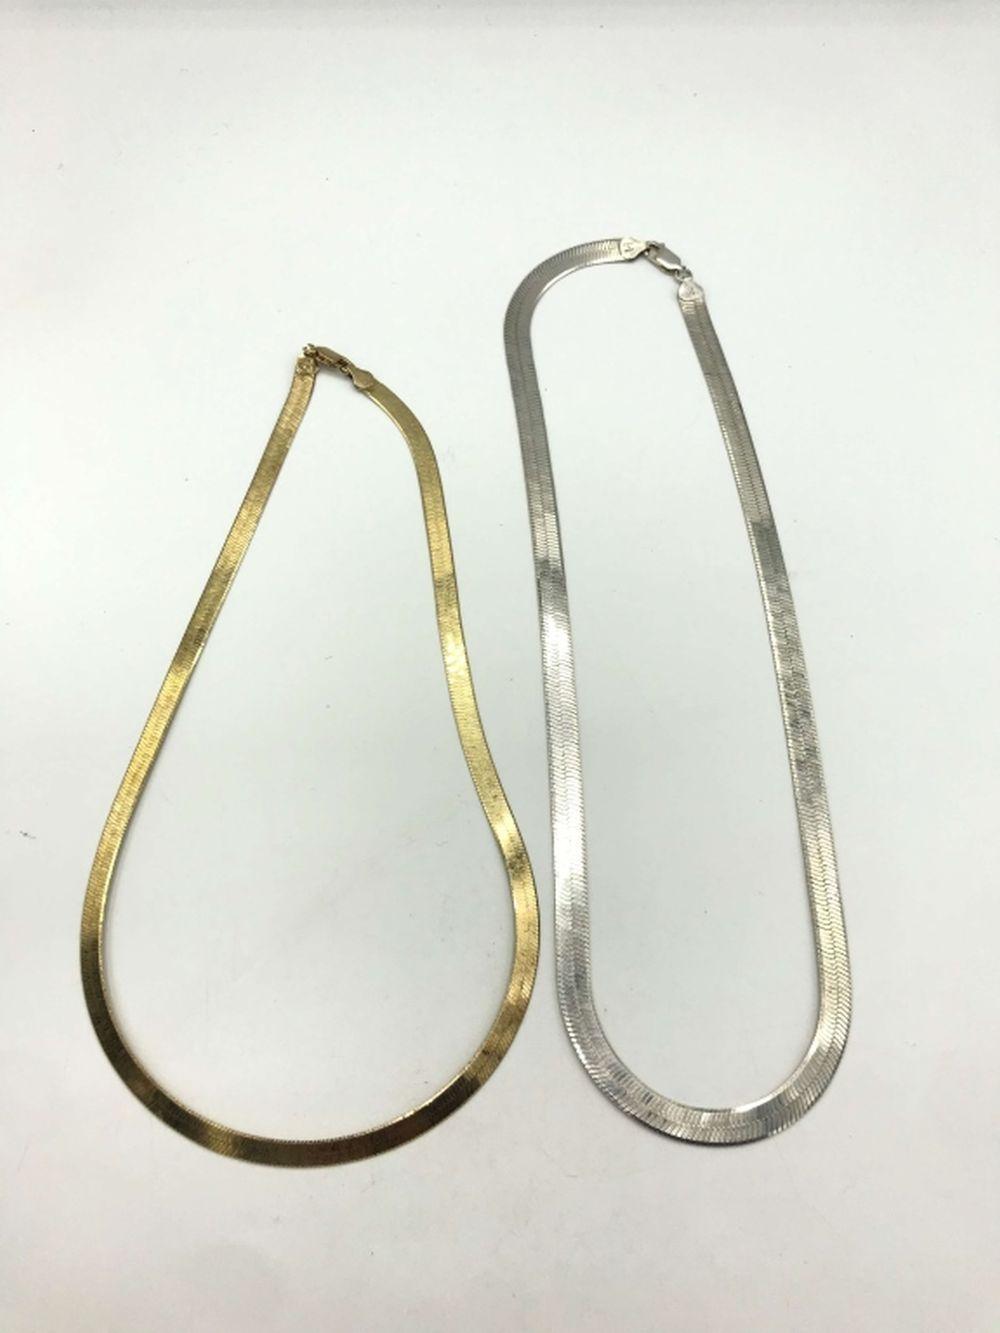 2 HERRINGBONE NECKLACES STERLING